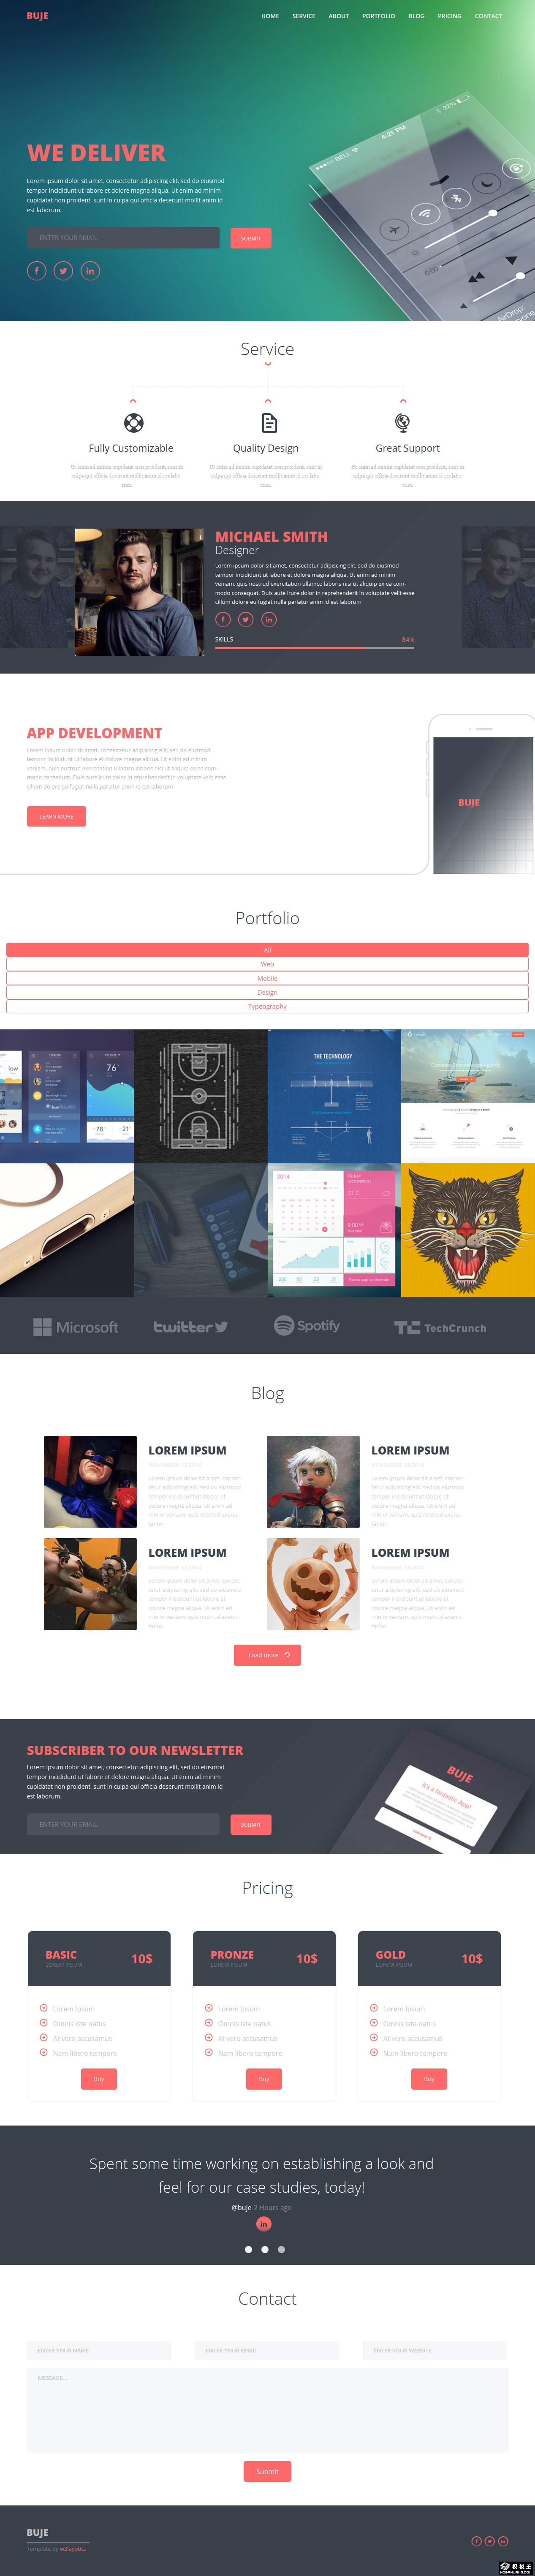 设计师服务动态响应式网页模板